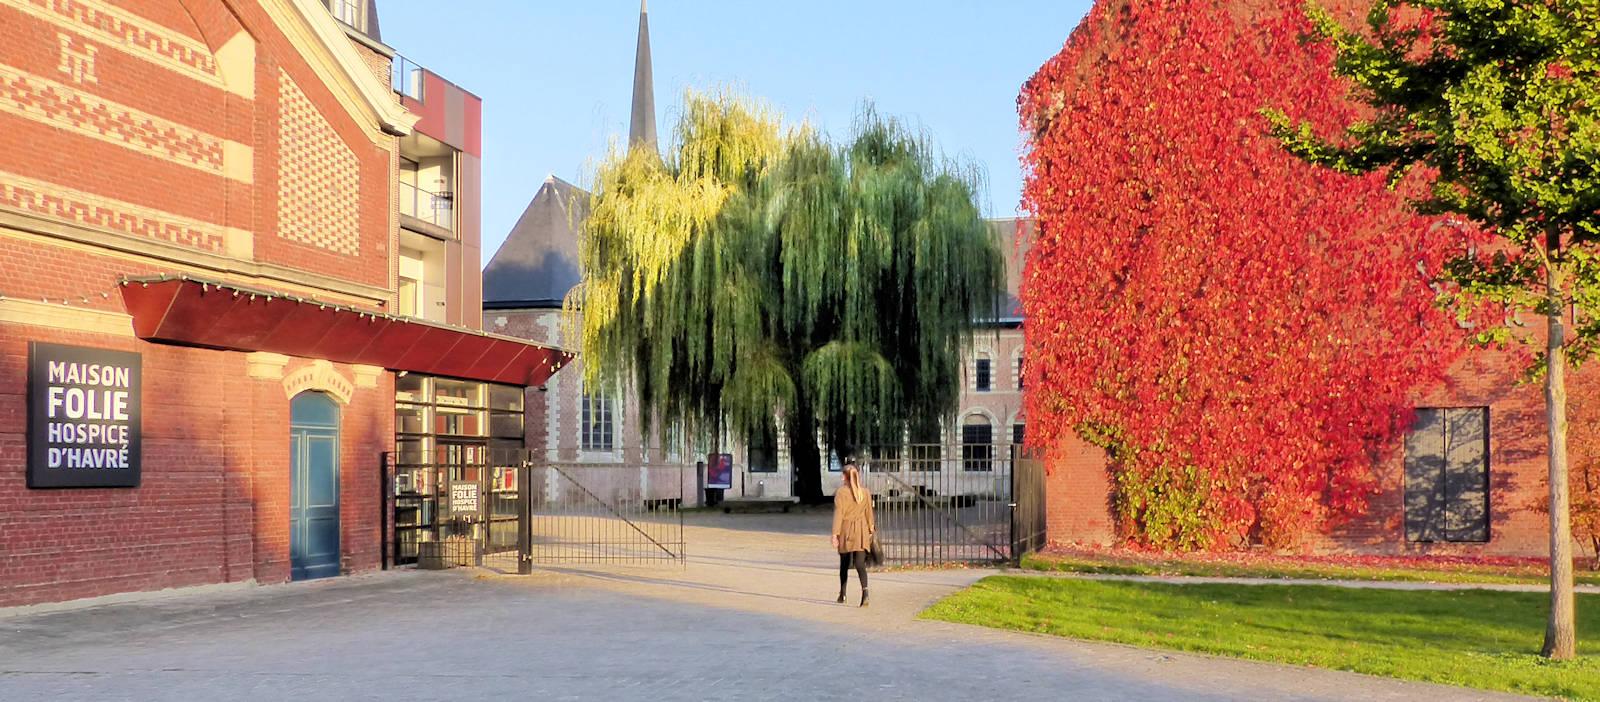 Photo Hospice d'Havré, Tourcoing - L'entrée et la cour